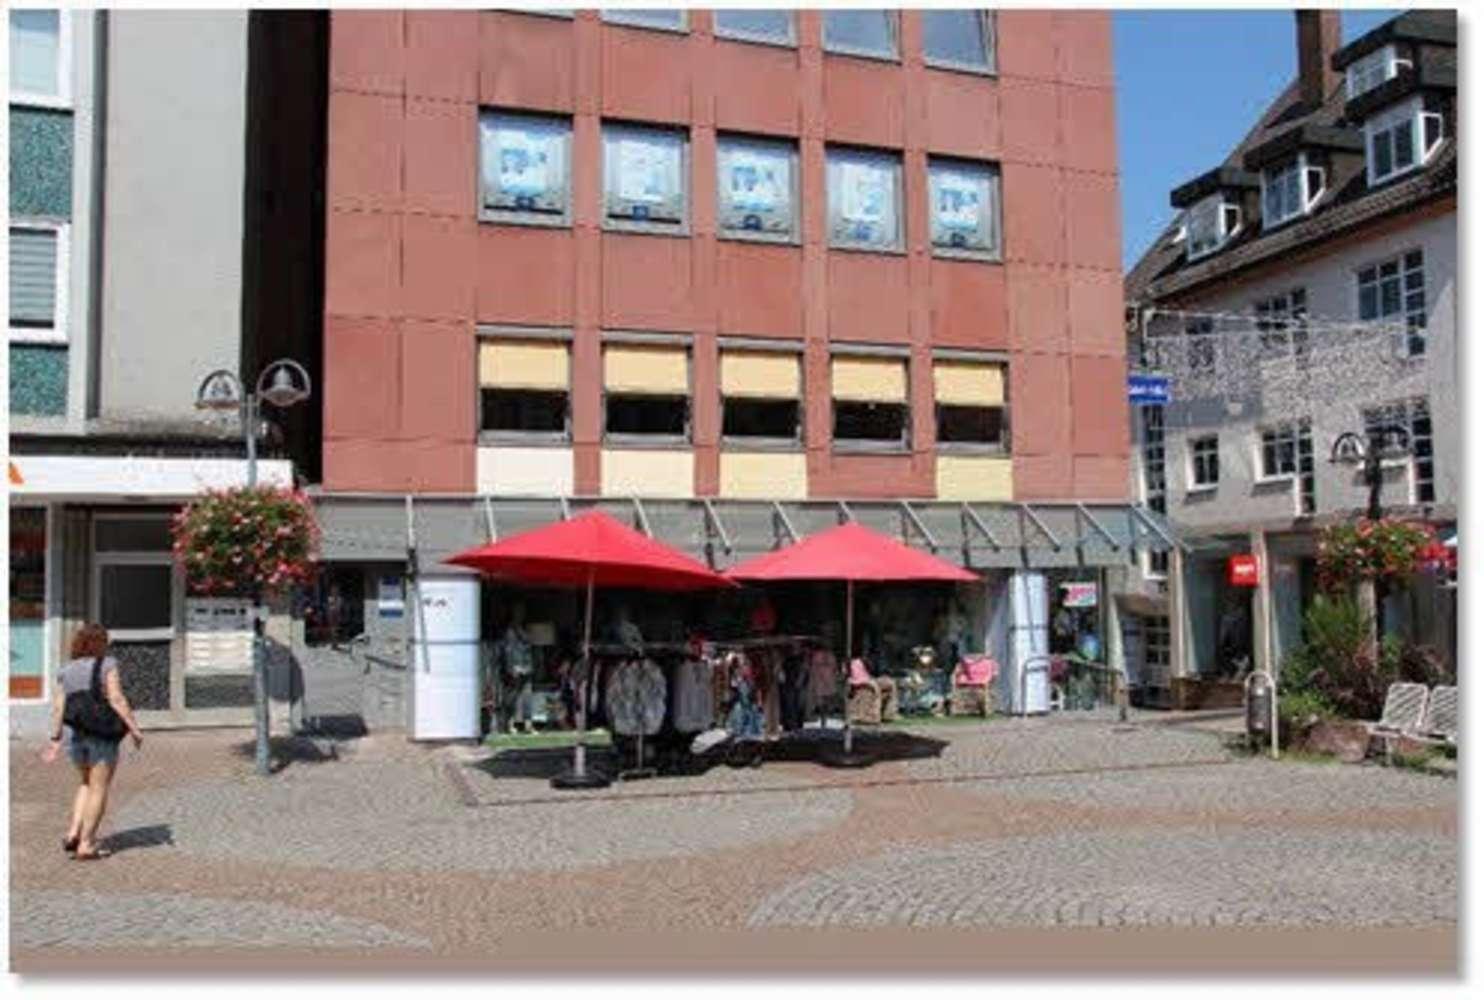 Ladenflächen Bingen am rhein, 55411 - Ladenfläche - Bingen am Rhein, Bingen - E0919 - 9984413